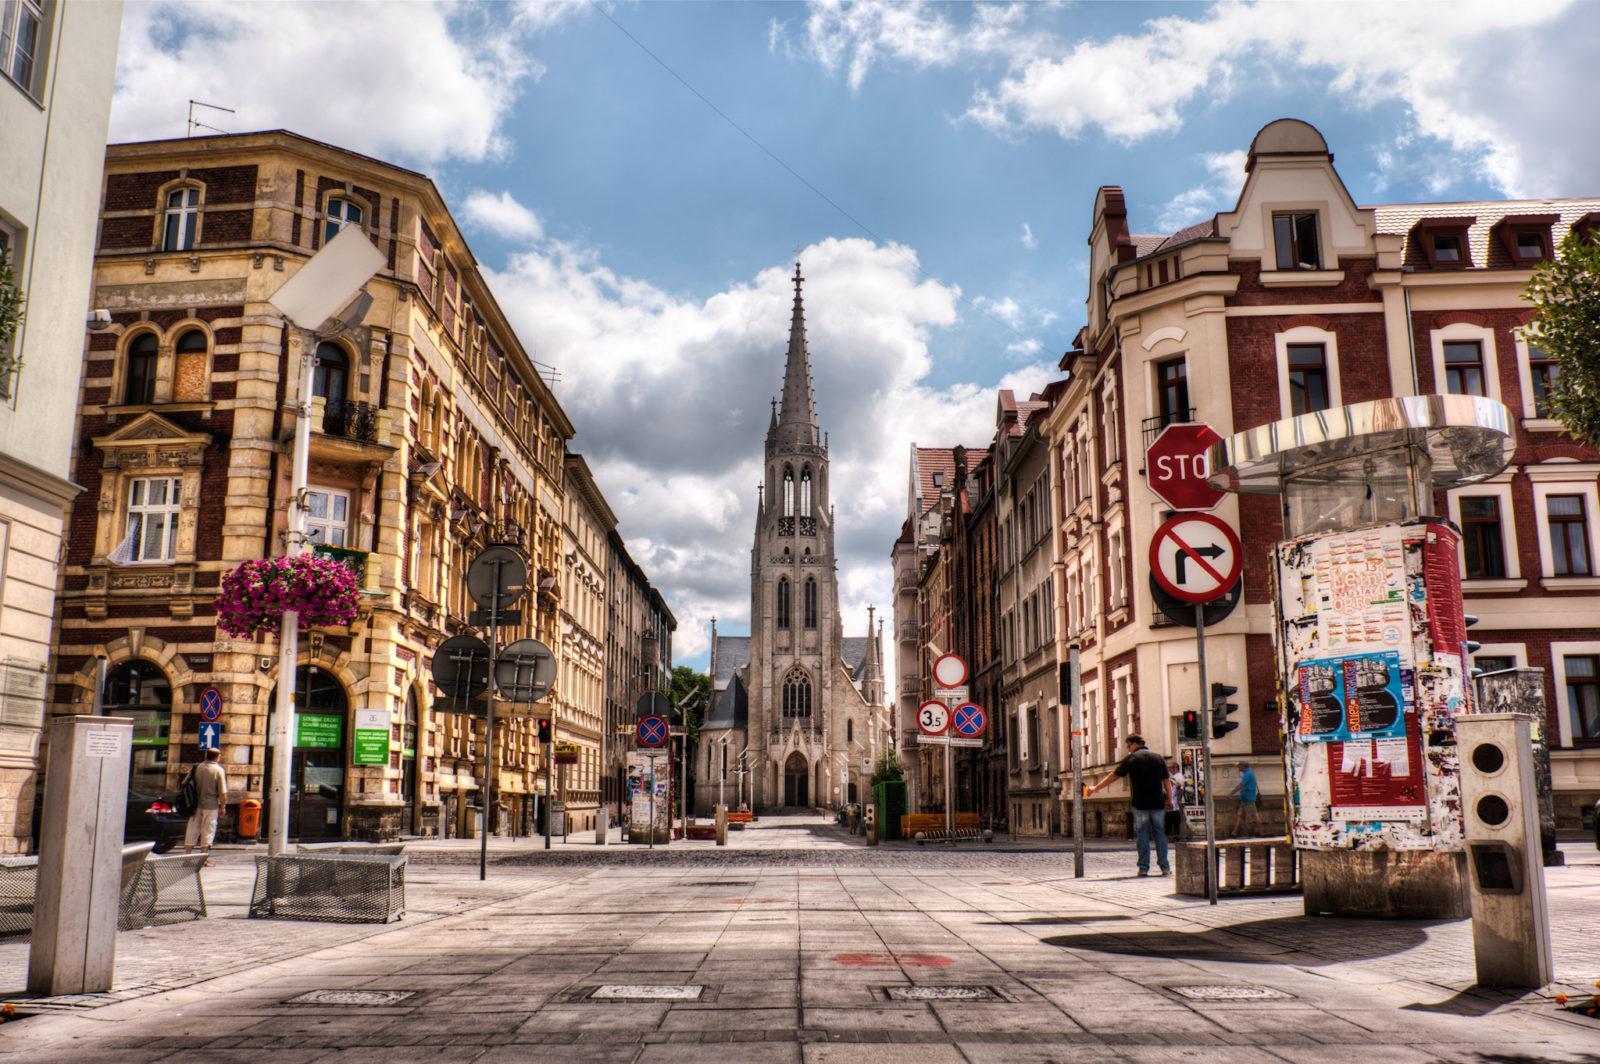 Katowice poland - ავიაბილეთები კატოვიცე